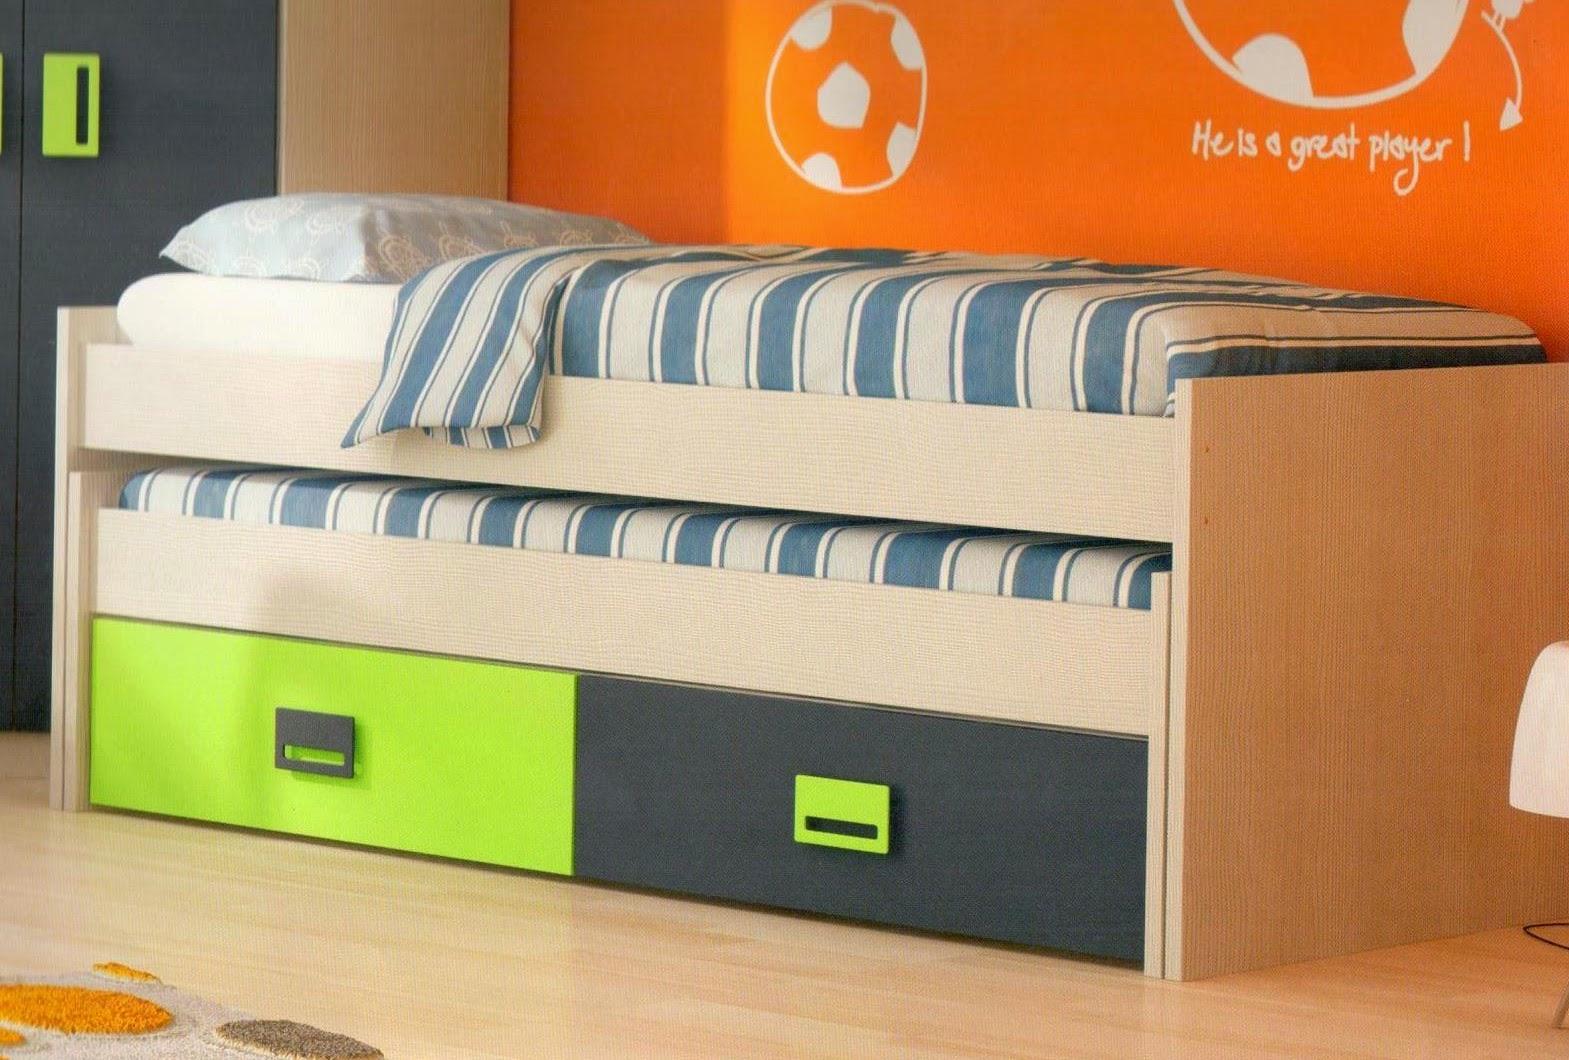 Dormitorios juveniles ( I ) : Elegir una cama compacta. Ventajas e ...